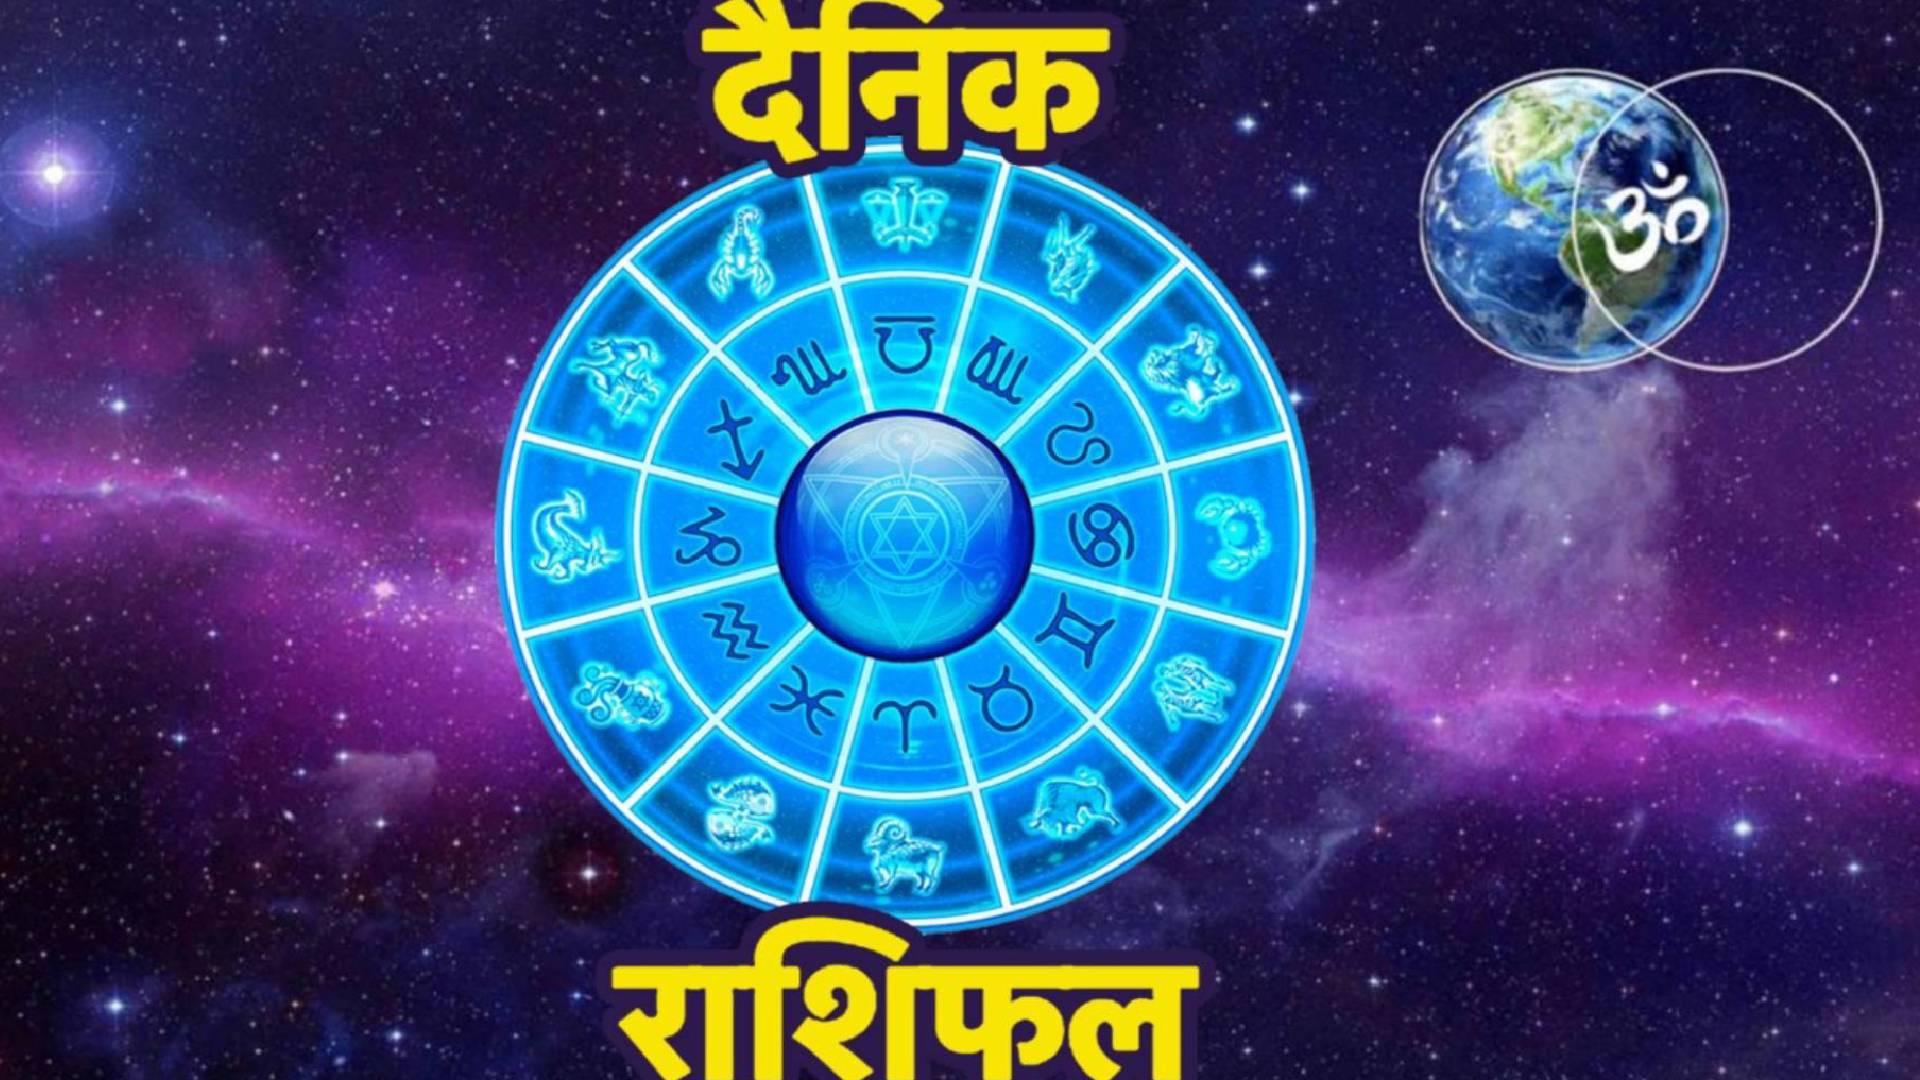 आज का राशिफल 5 अक्टूबर: मेष राशि वालों को रखना होगा गुस्से पर कंट्रोल, नवरात्रि के 7वें दिन इनके बनेंगे काम